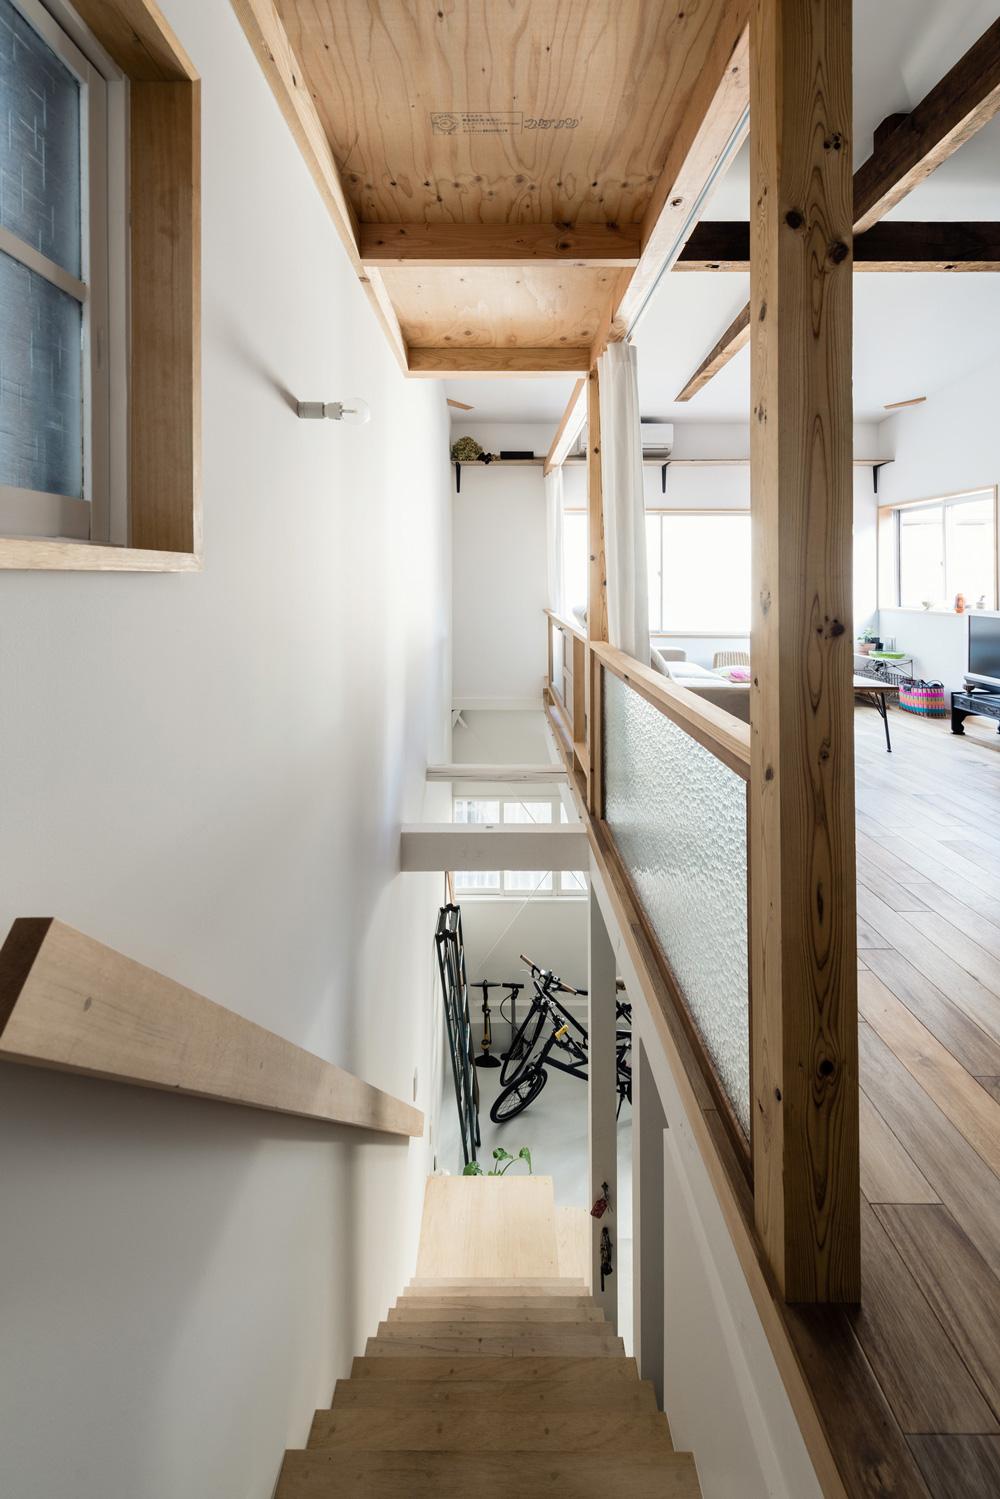 Re-Toyosaki / Coil Kazuteru Matumura Architects (15)